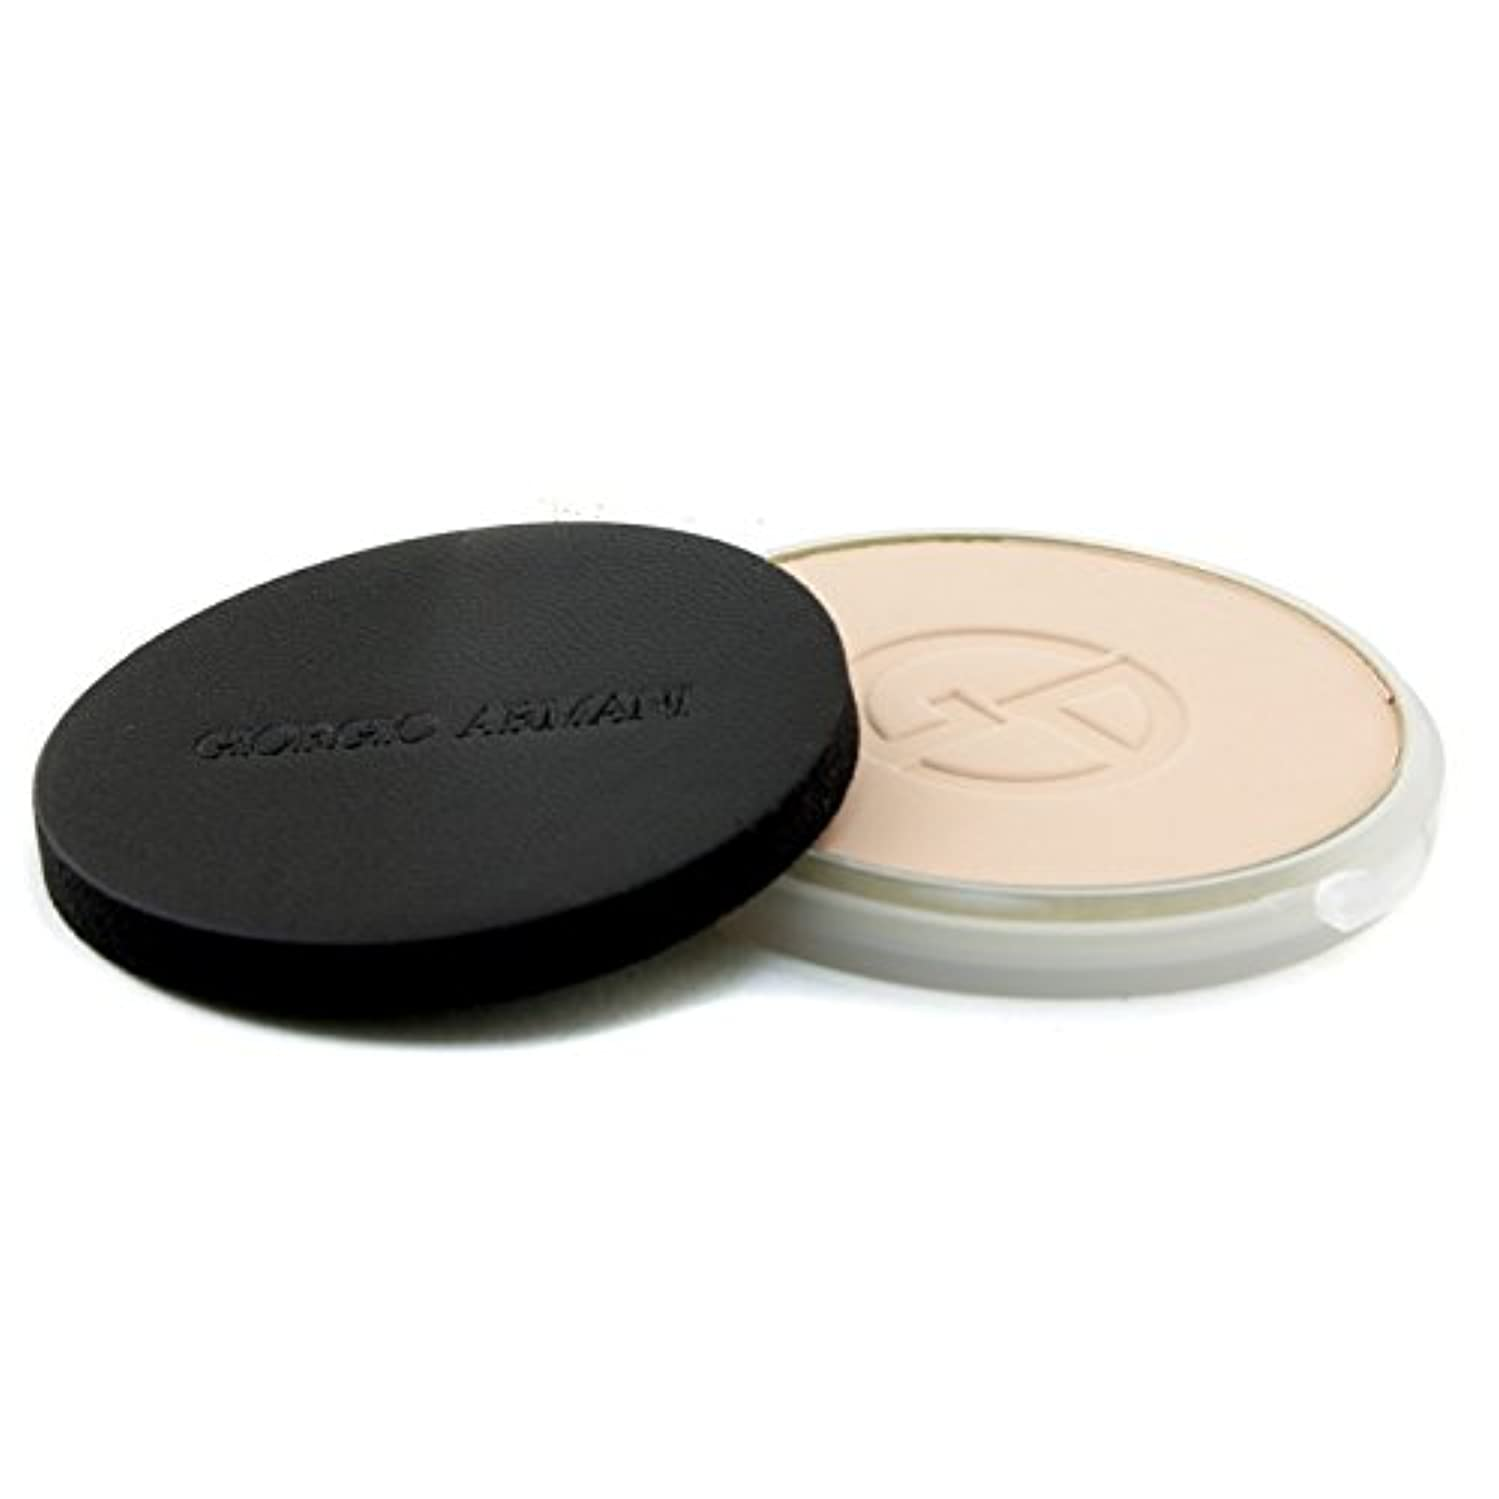 きらめくお誕生日世論調査ジョルジオアルマーニ Lasting Silk UV Compact Foundation SPF 34 (Refill) - # 3 (Light Sand) 9g/0.3oz並行輸入品